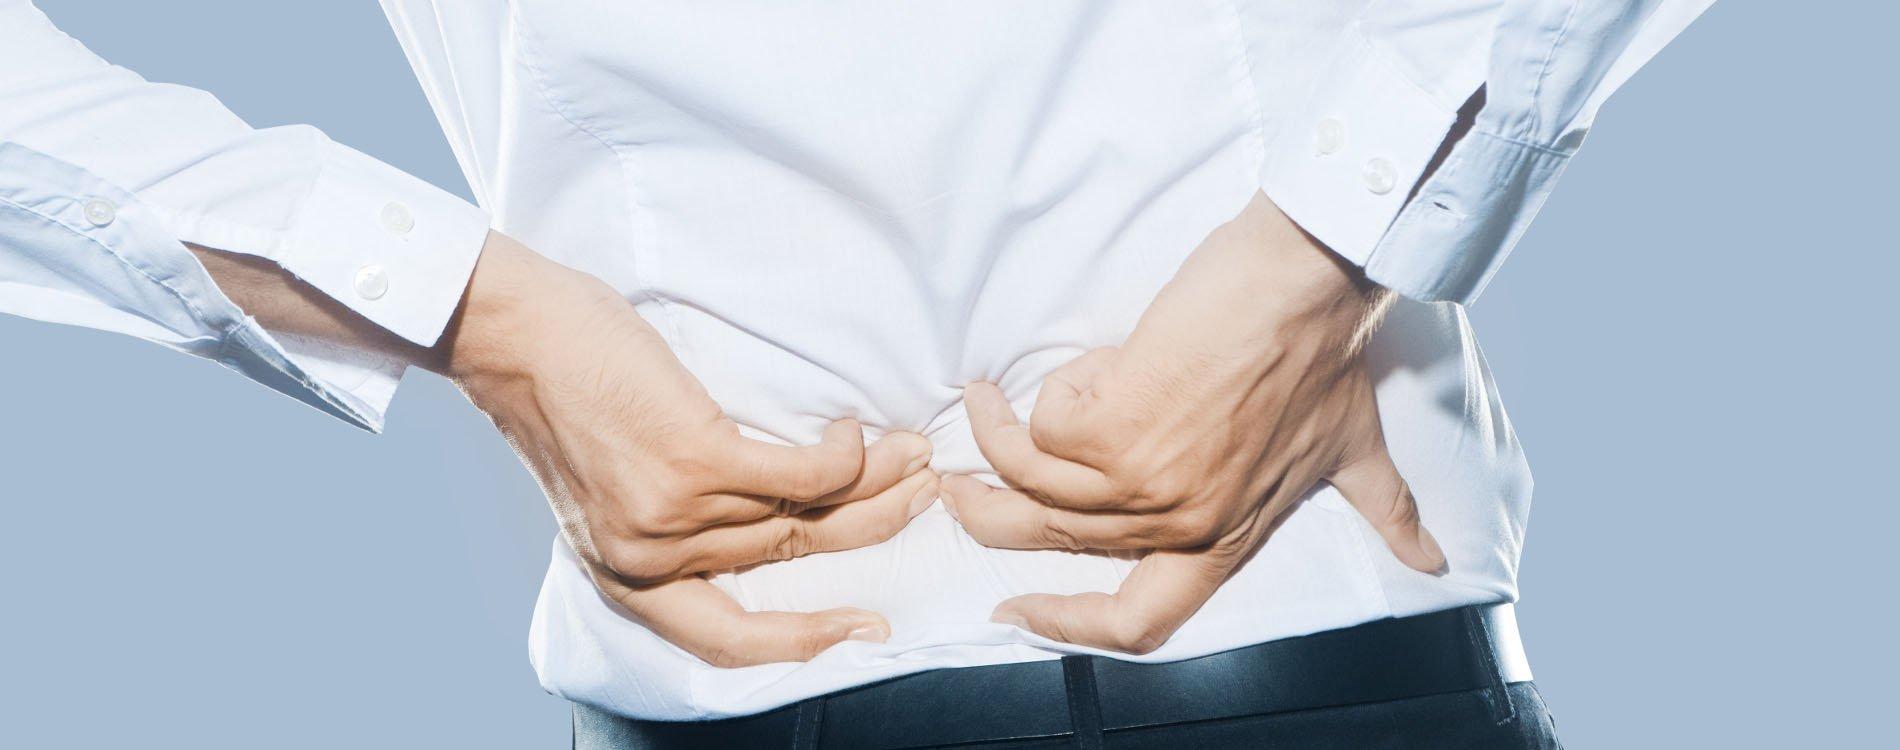 Bild Rückenschmerzen